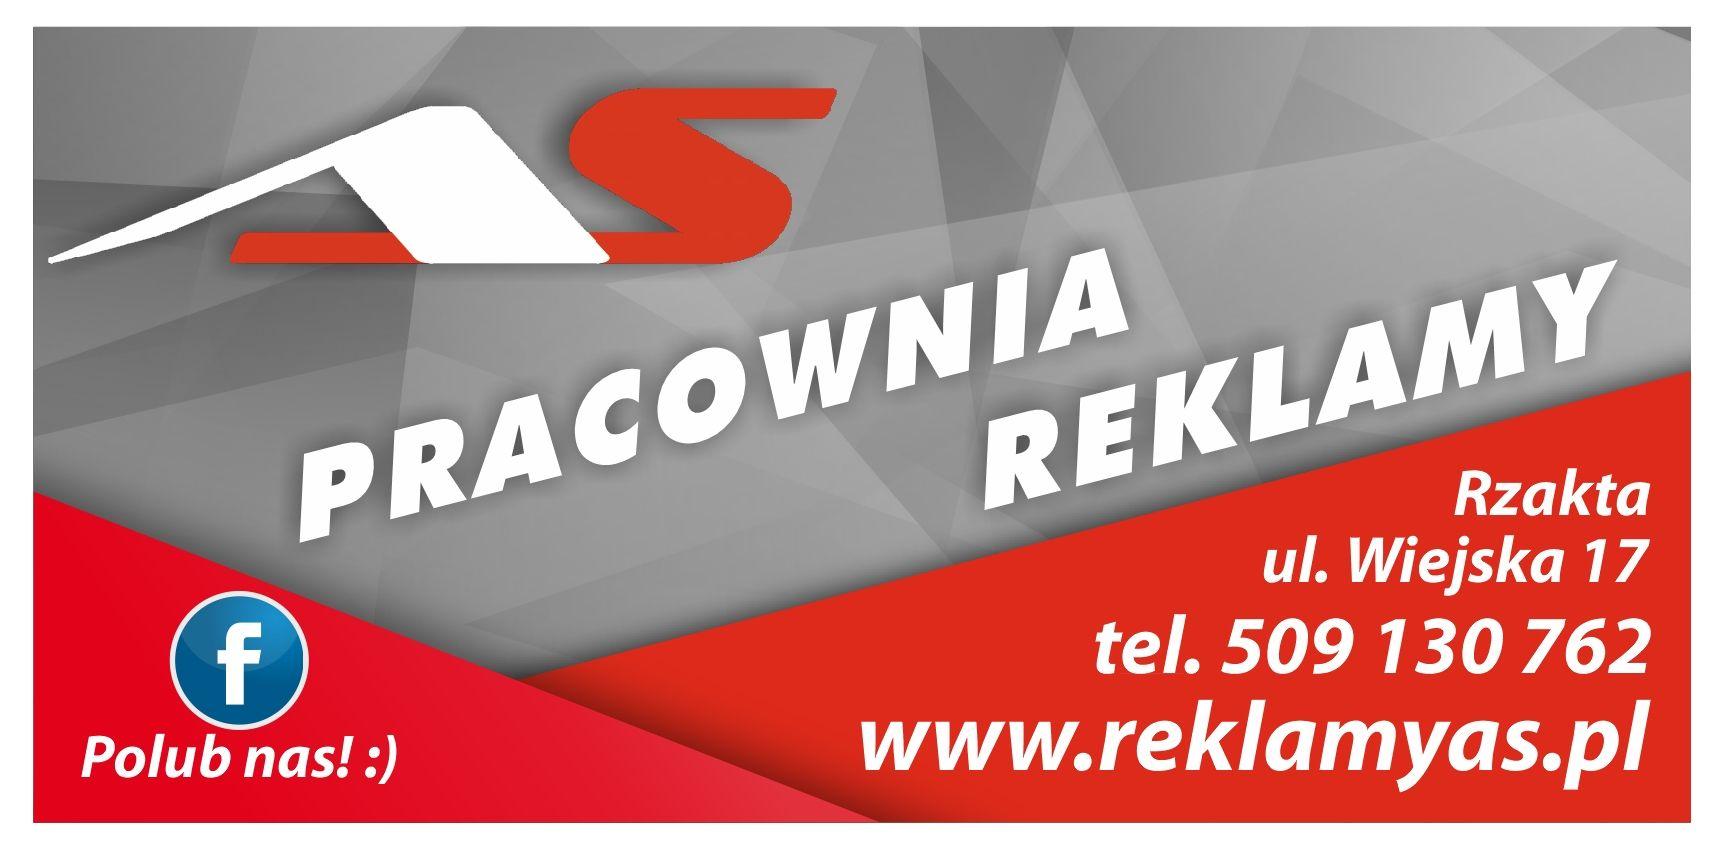 As Pracownia Reklam - Łukasz Dróżdż